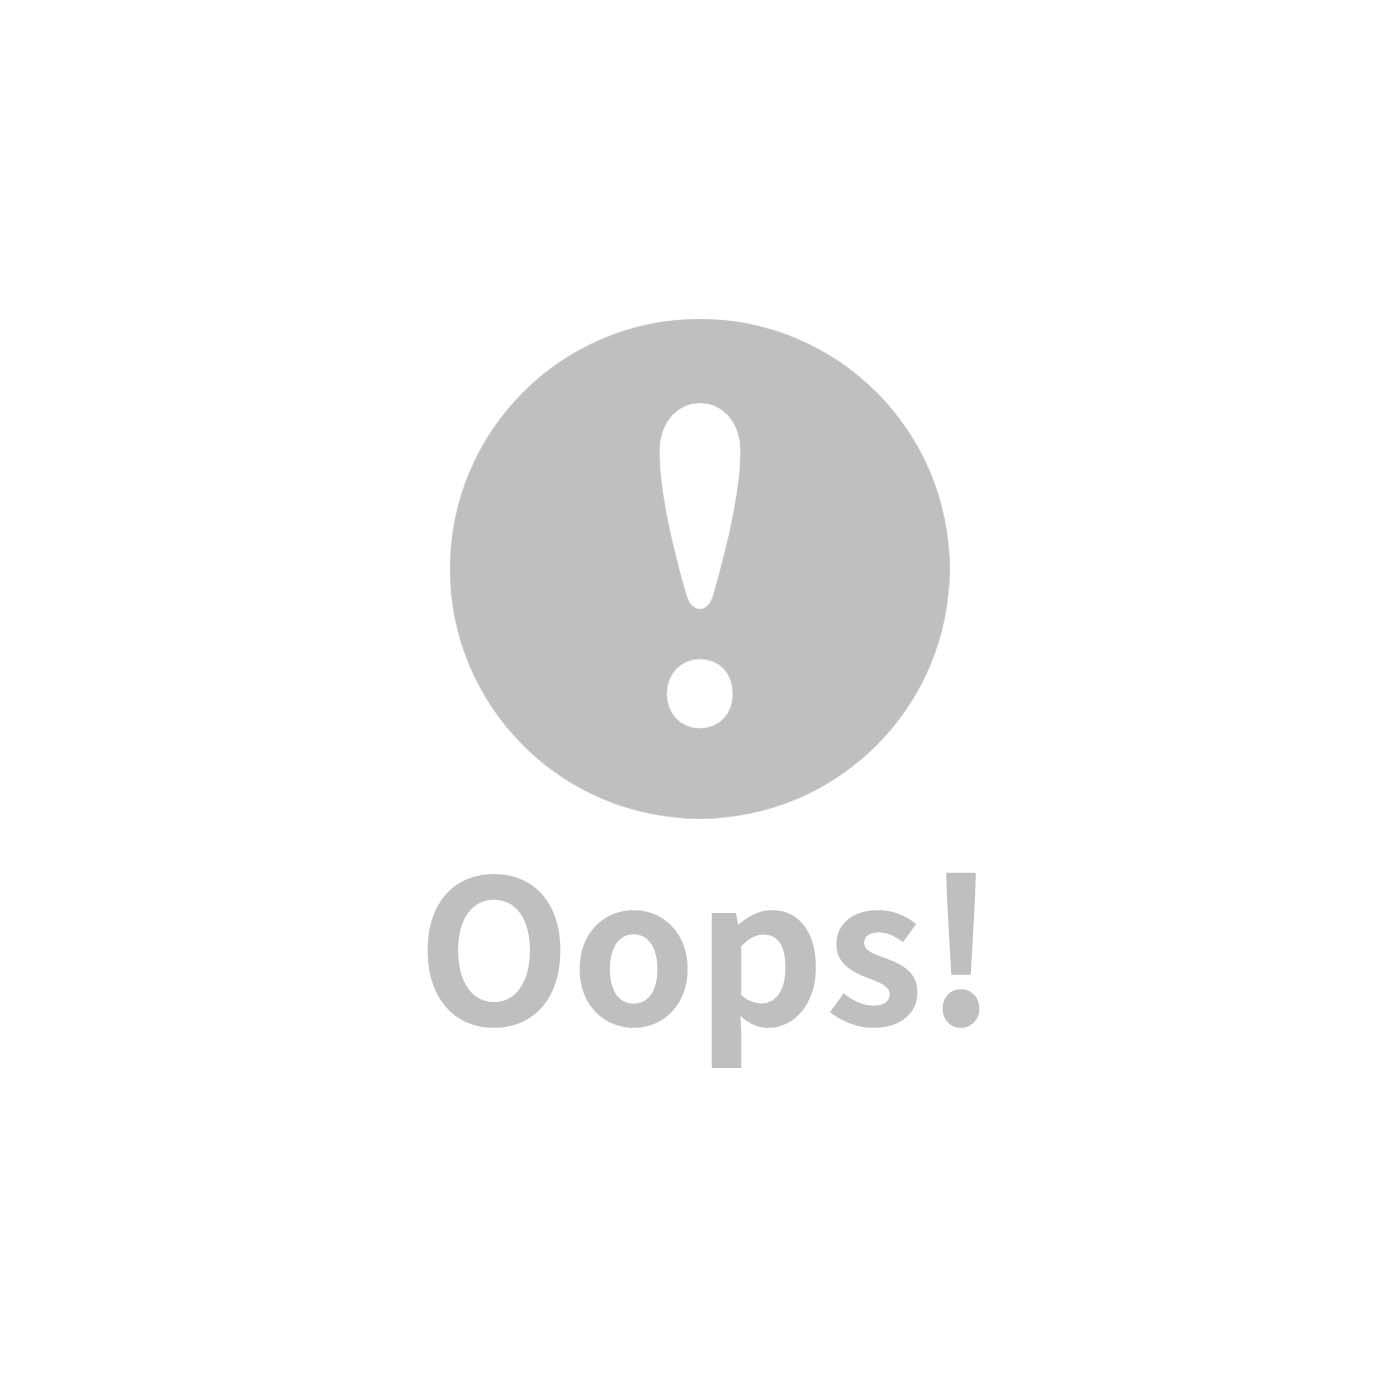 global affairs 童話手工編織安撫搖鈴_海洋系列(海龜長老)